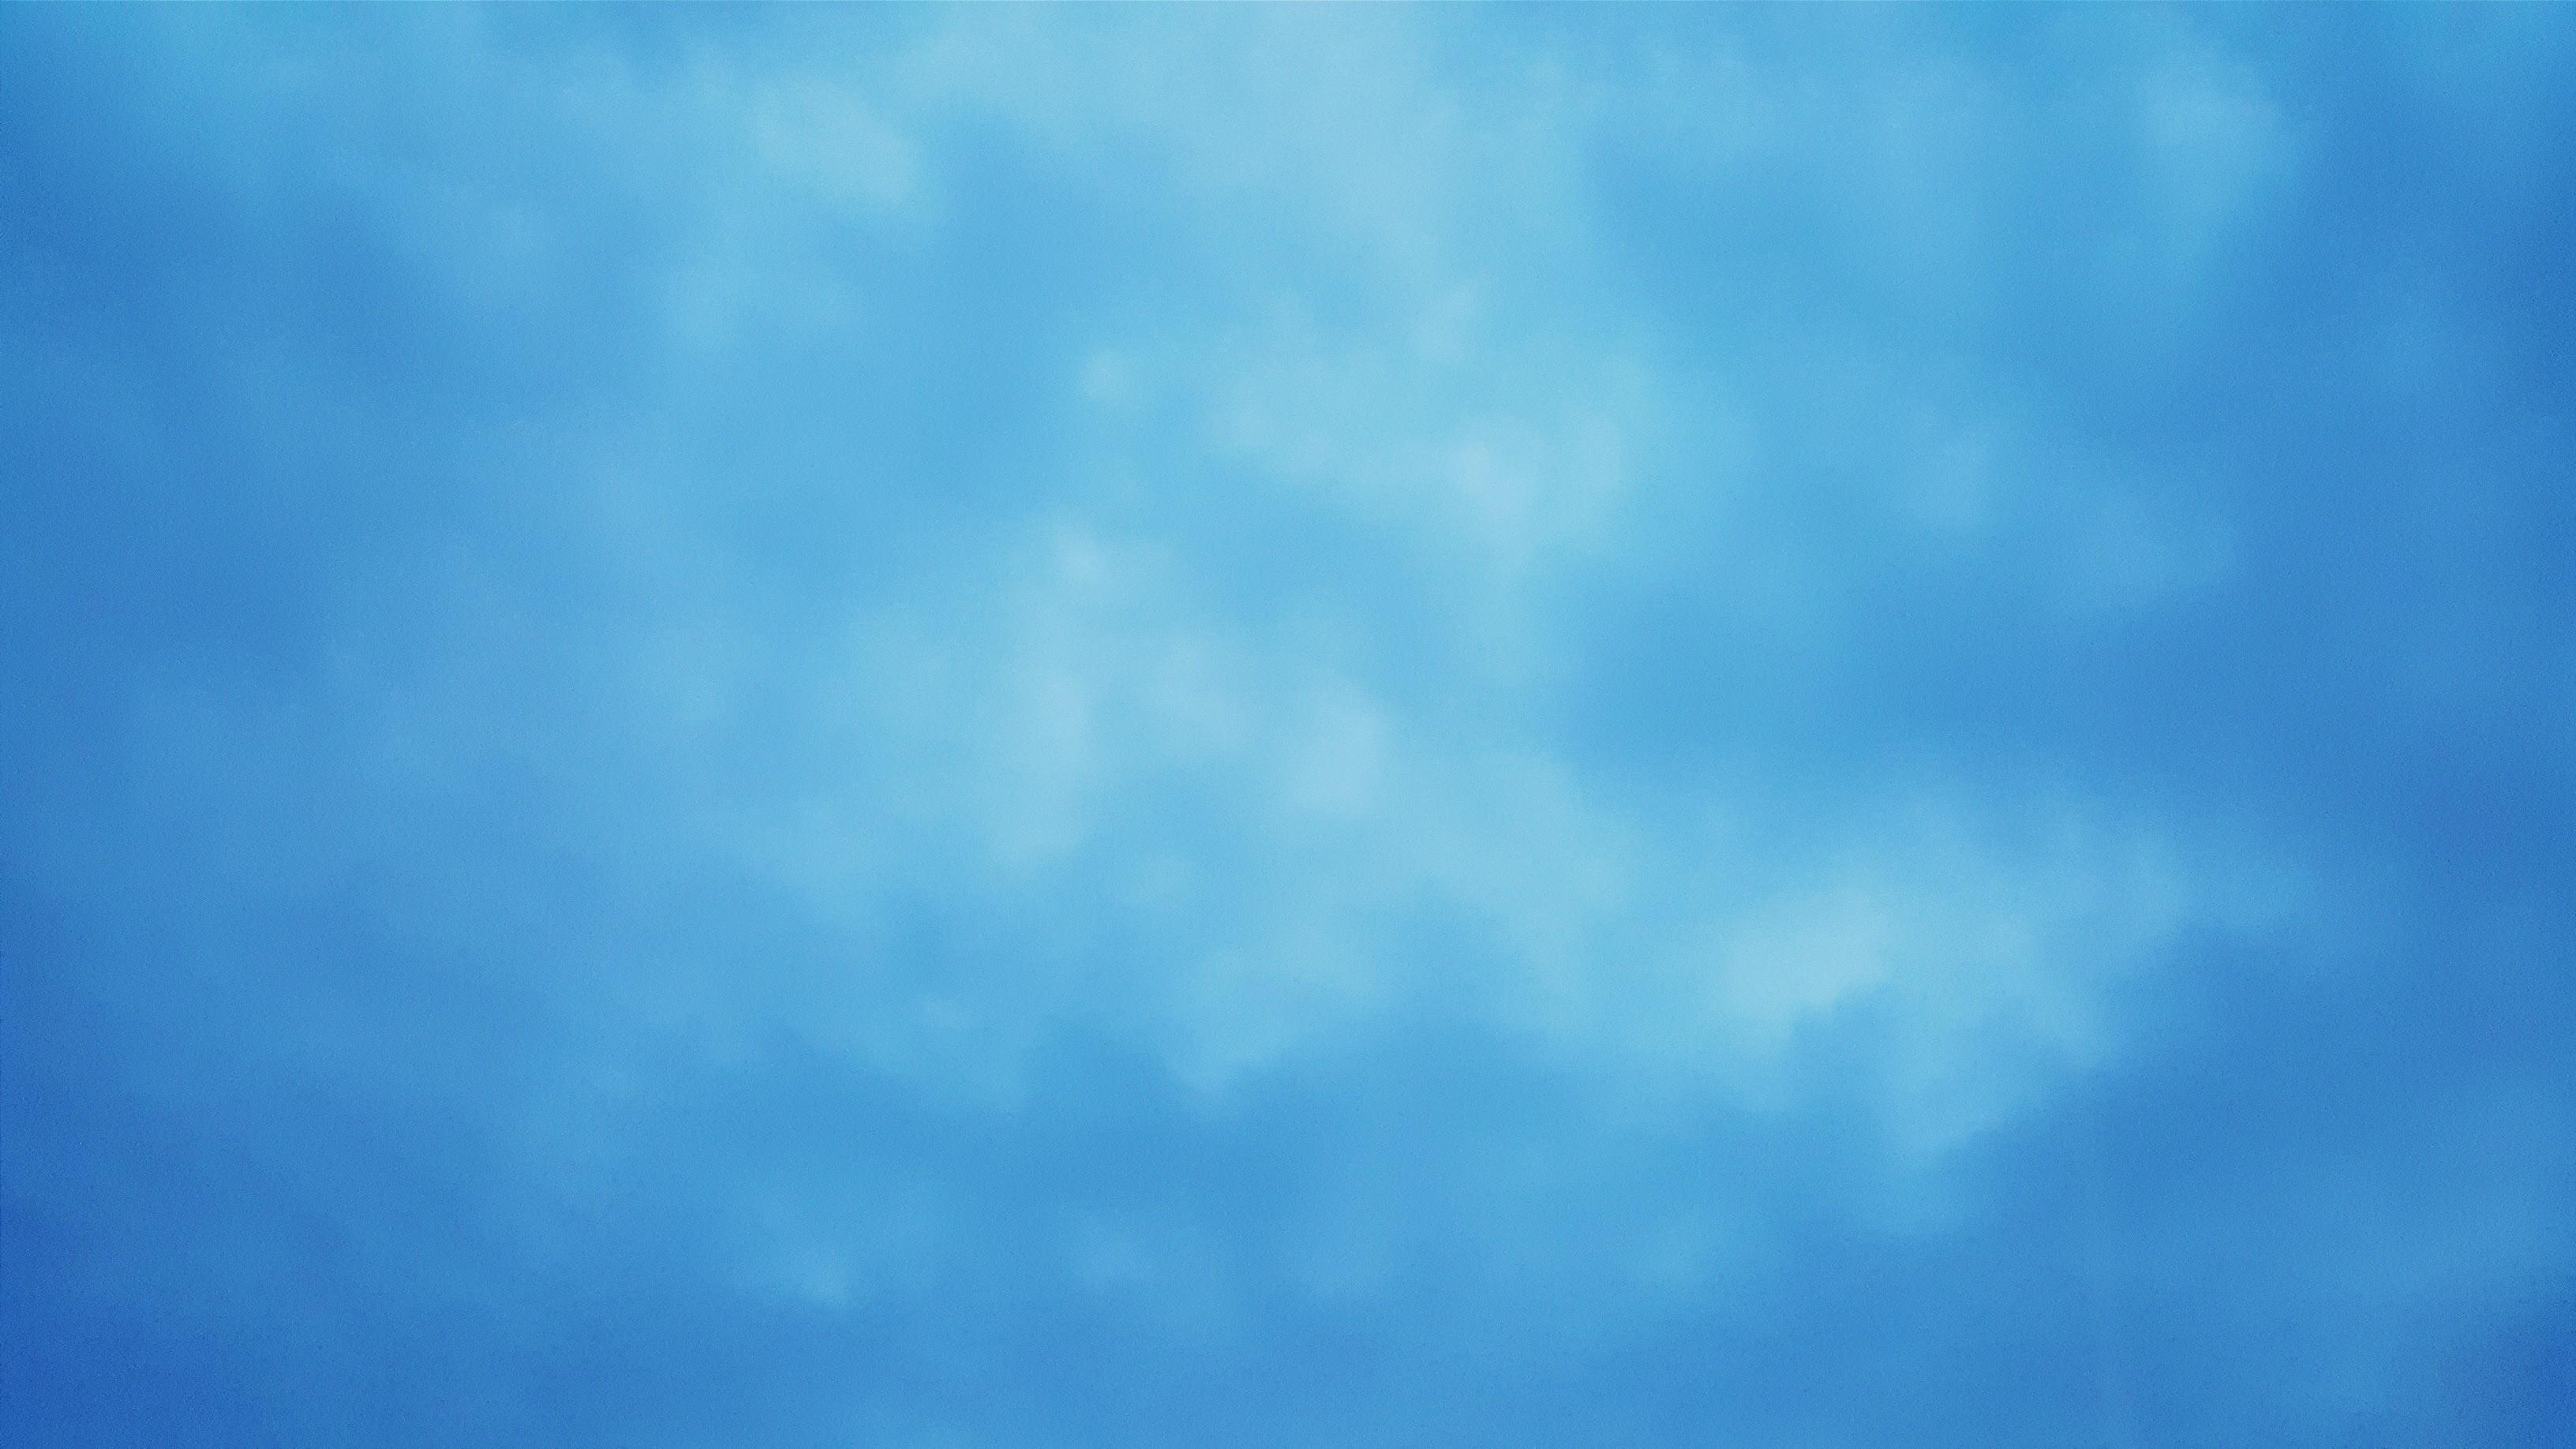 Sfondi Luce Del Sole Paesaggio Cielo Blu Fotocamera Del